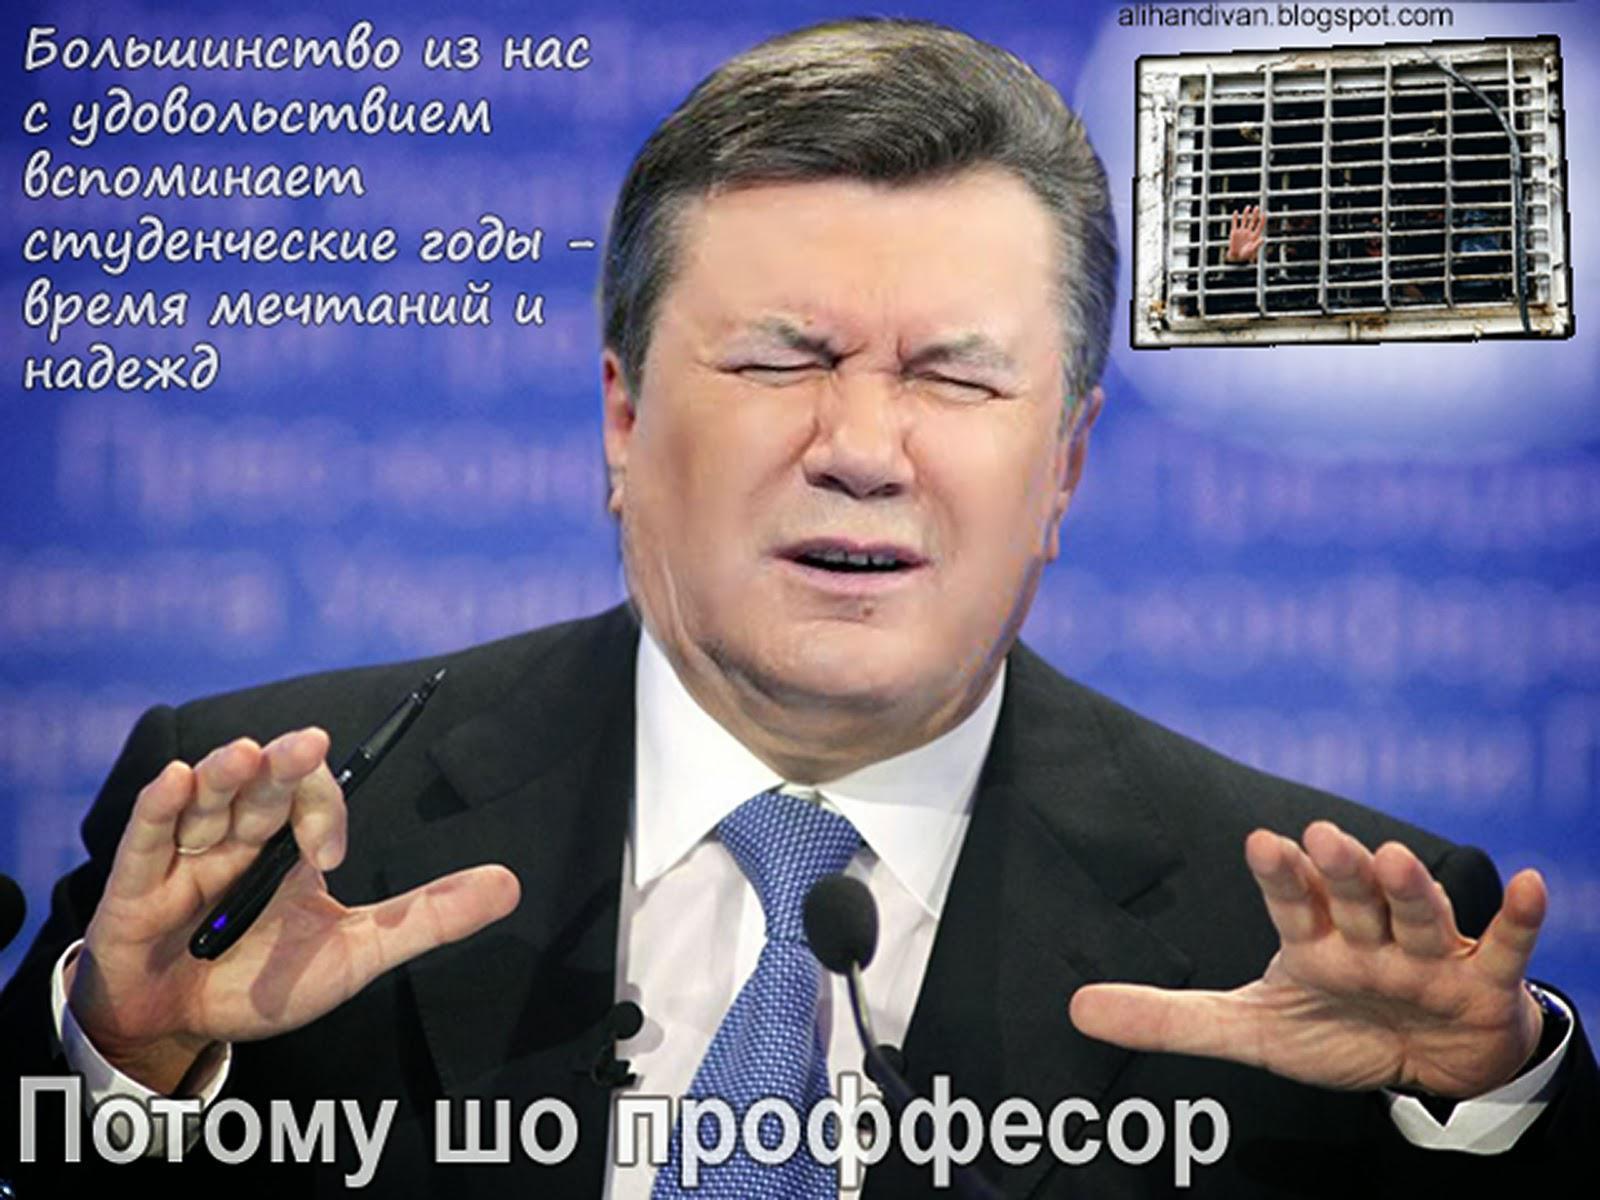 Янукович (ФОТОЖАБИ) - фото 6